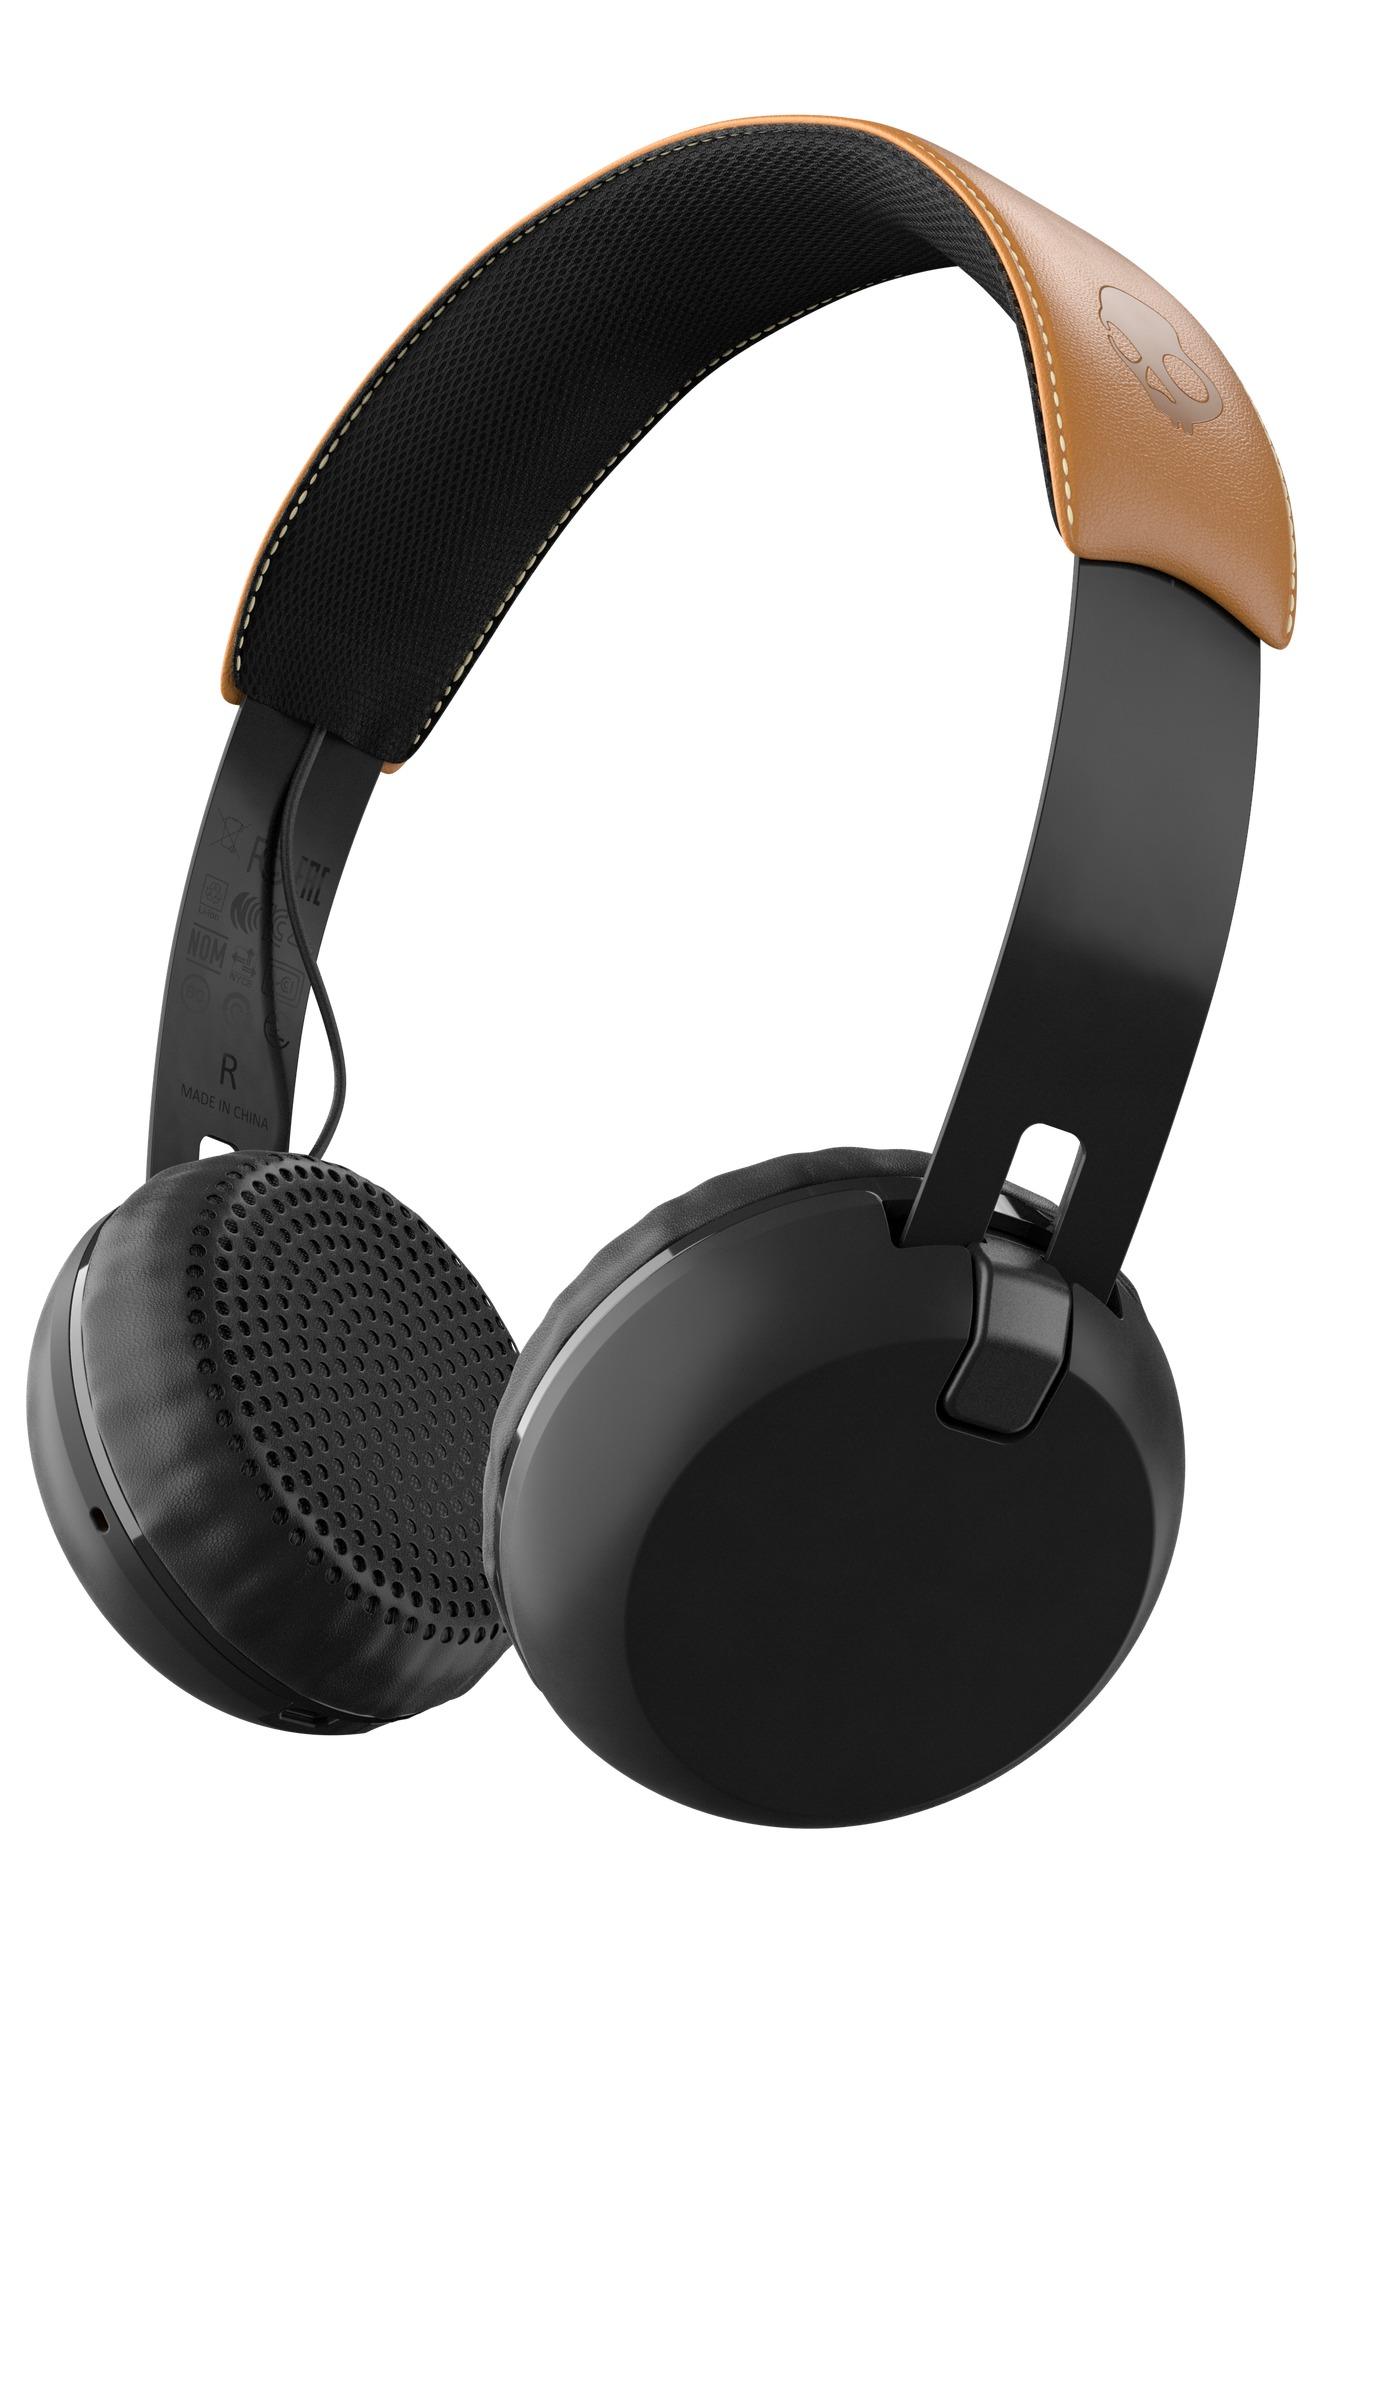 Grind Wireless_Black Black Tan_3-4_S5GBW-J543